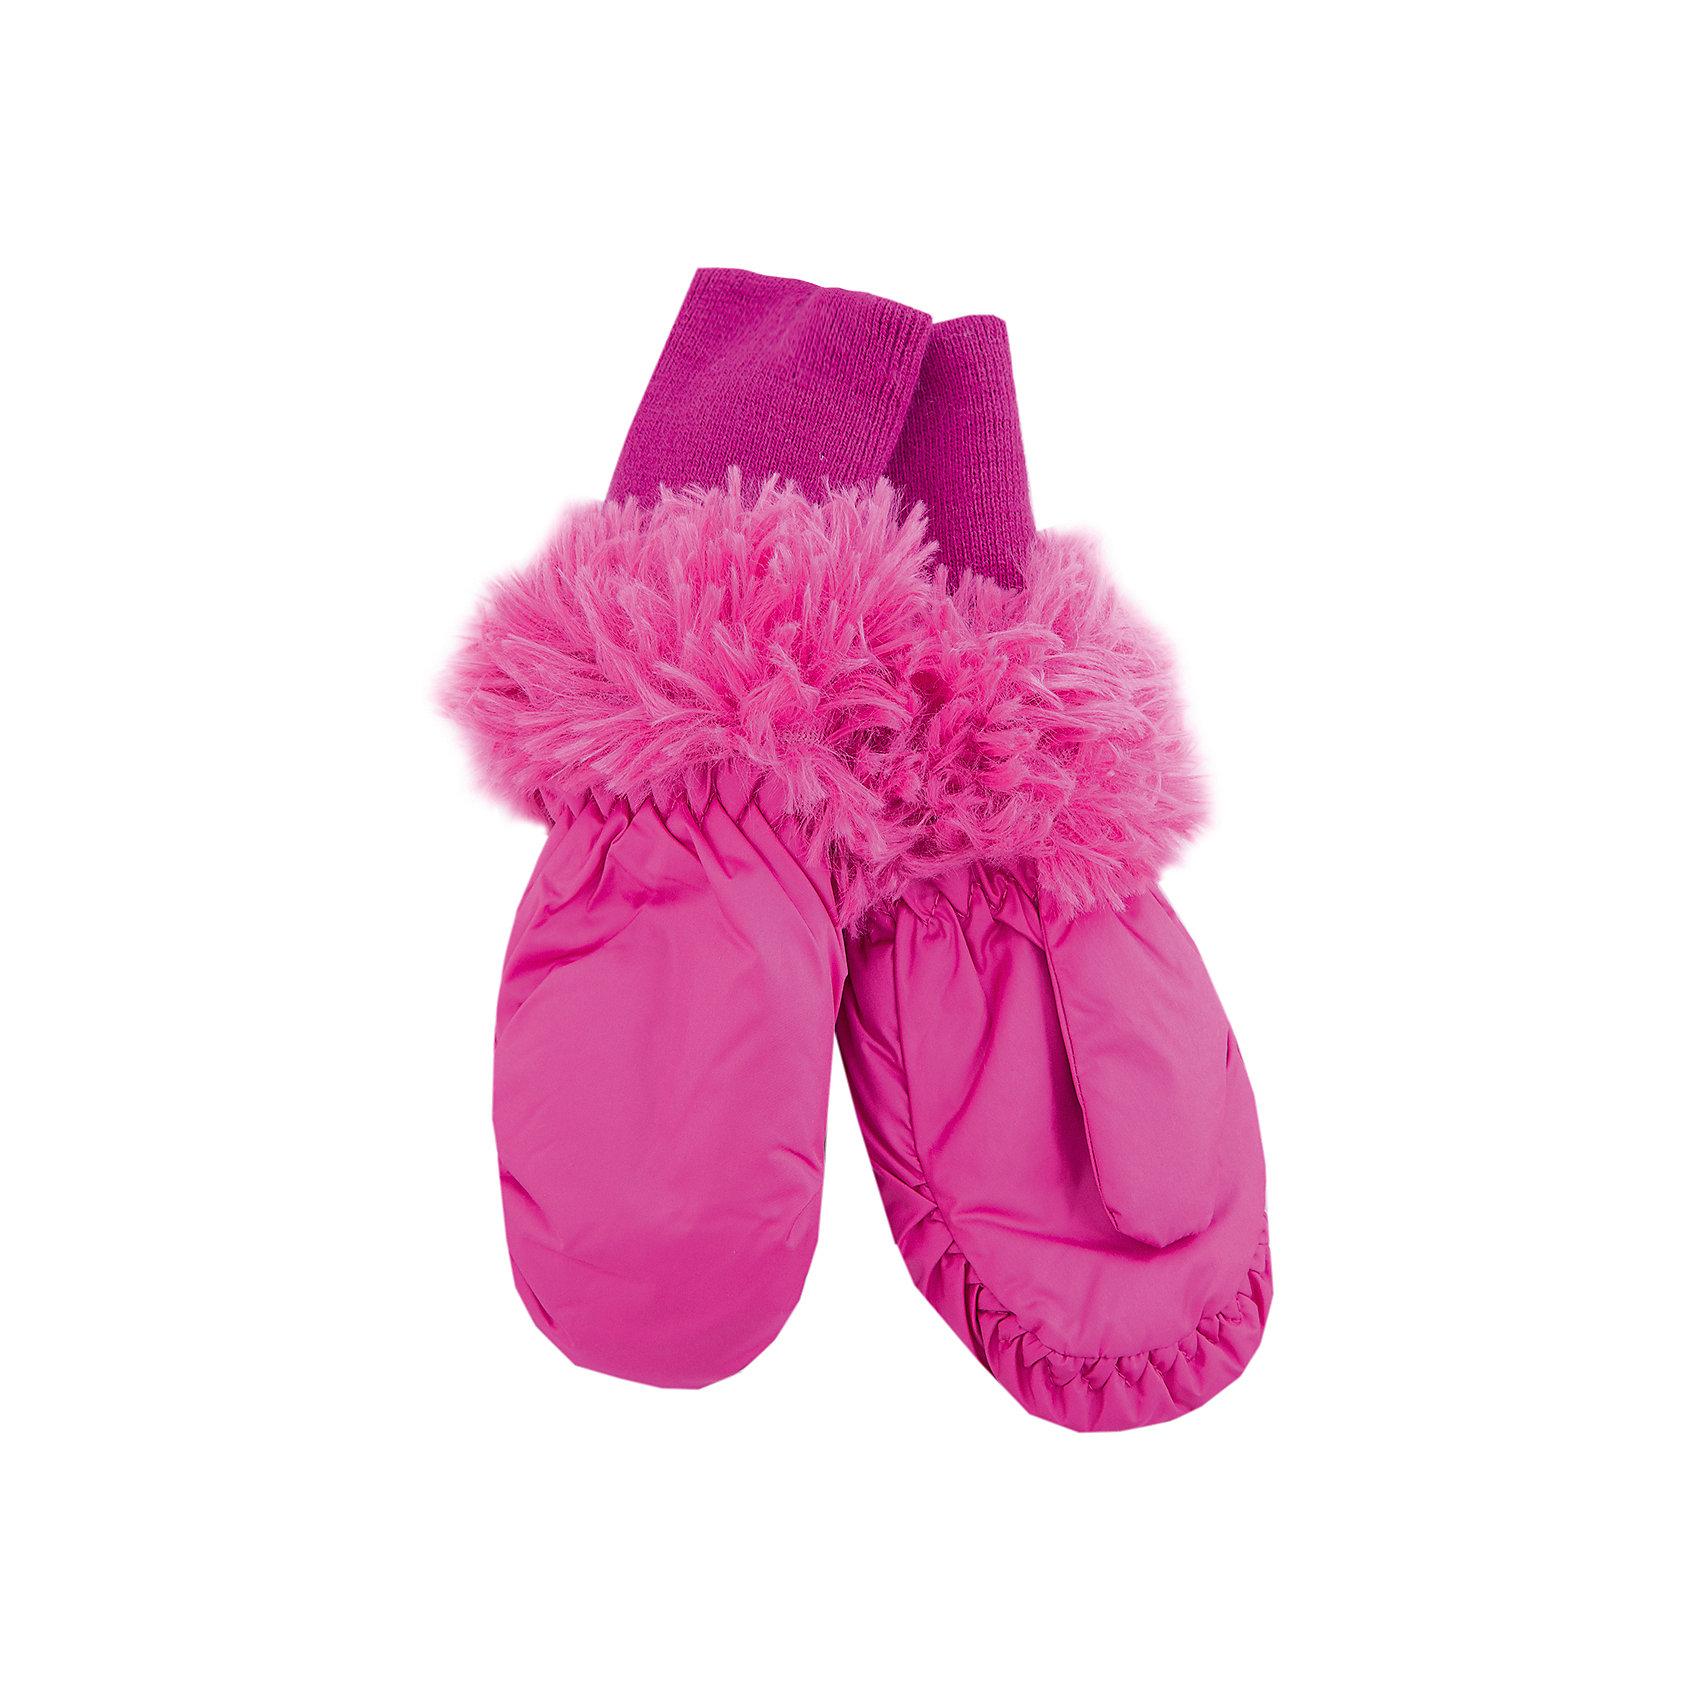 Варежки PlayToday для девочкиПерчатки, варежки<br>Варежки PlayToday для девочки<br>Теплые рукавицы из непромокаемого материала защитят руки ребенка при холодной погоде. Модель на подкладке из теплого флиса. Удлиненные запястья дополнены резинками для дополнительного сохранения тепла.<br>Состав:<br>Верх: 100% полиэстер, Подкладка: 100% полиэстер, Наполнитель: 100% полиэстер<br><br>Ширина мм: 162<br>Глубина мм: 171<br>Высота мм: 55<br>Вес г: 119<br>Цвет: розовый<br>Возраст от месяцев: 84<br>Возраст до месяцев: 96<br>Пол: Женский<br>Возраст: Детский<br>Размер: 4,2,3<br>SKU: 7106175